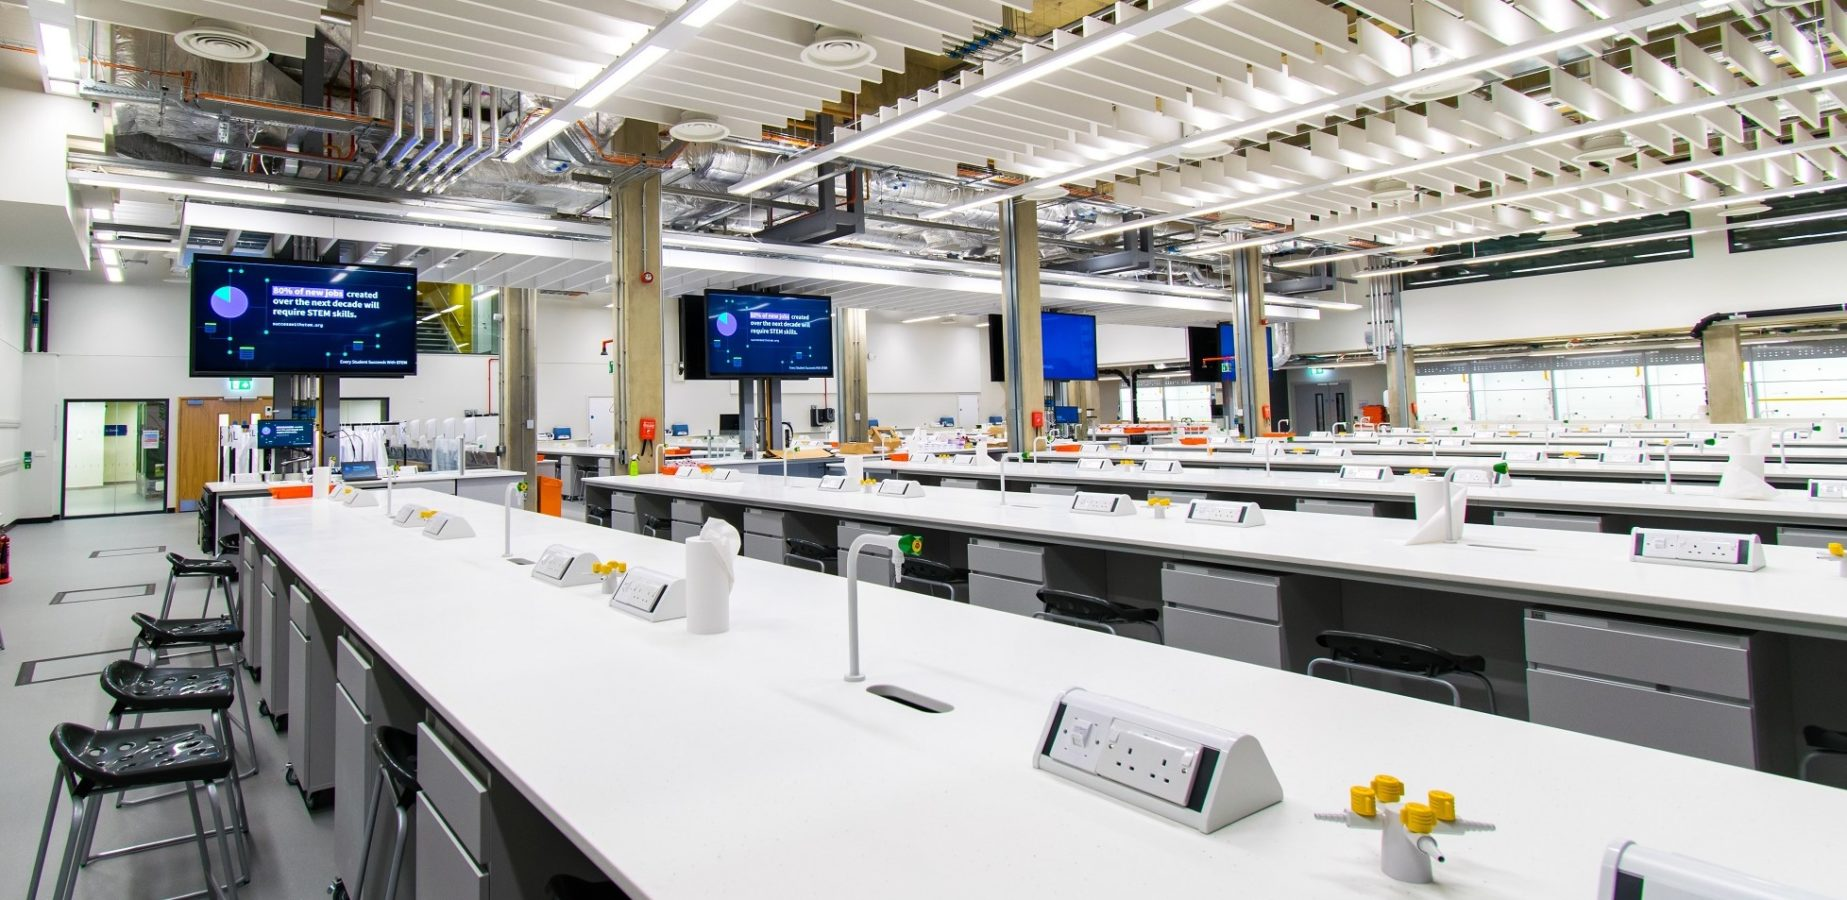 Science Centre Case Study Intro